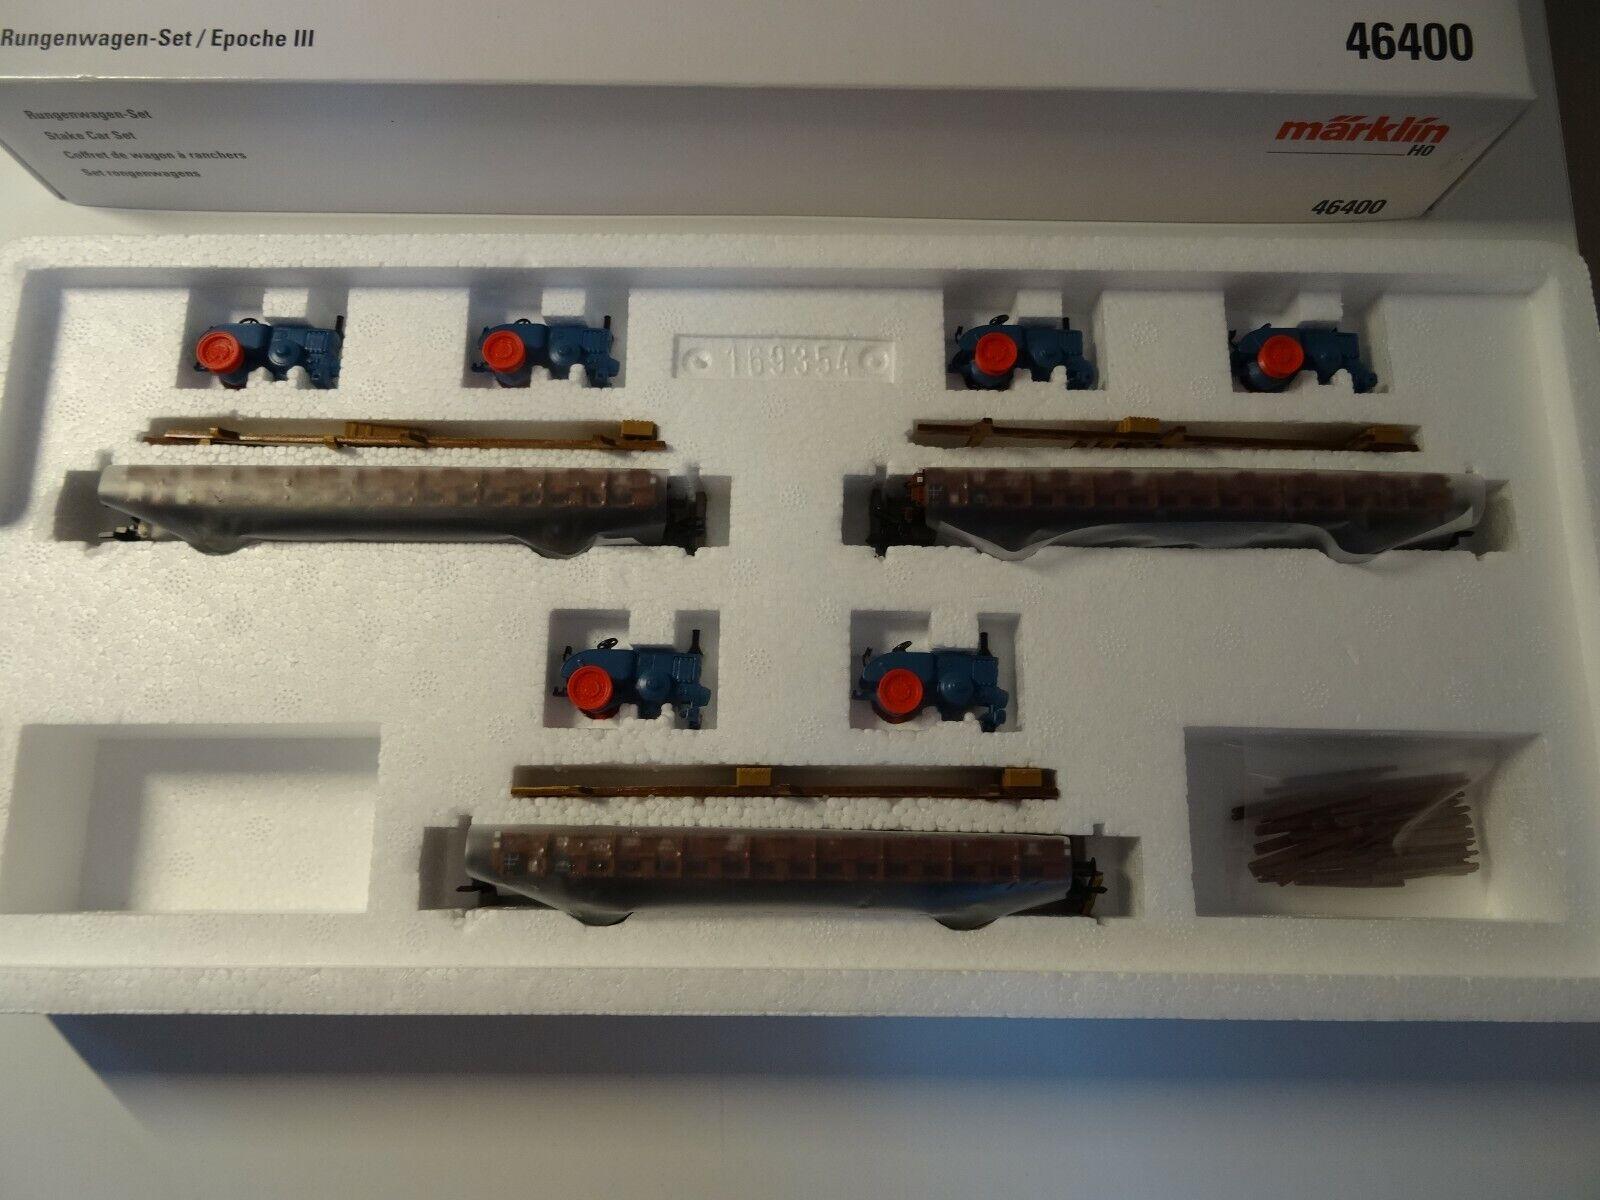 Marklin ho Art 46400 rungenwagenset con tractores nuevo en el embalaje original